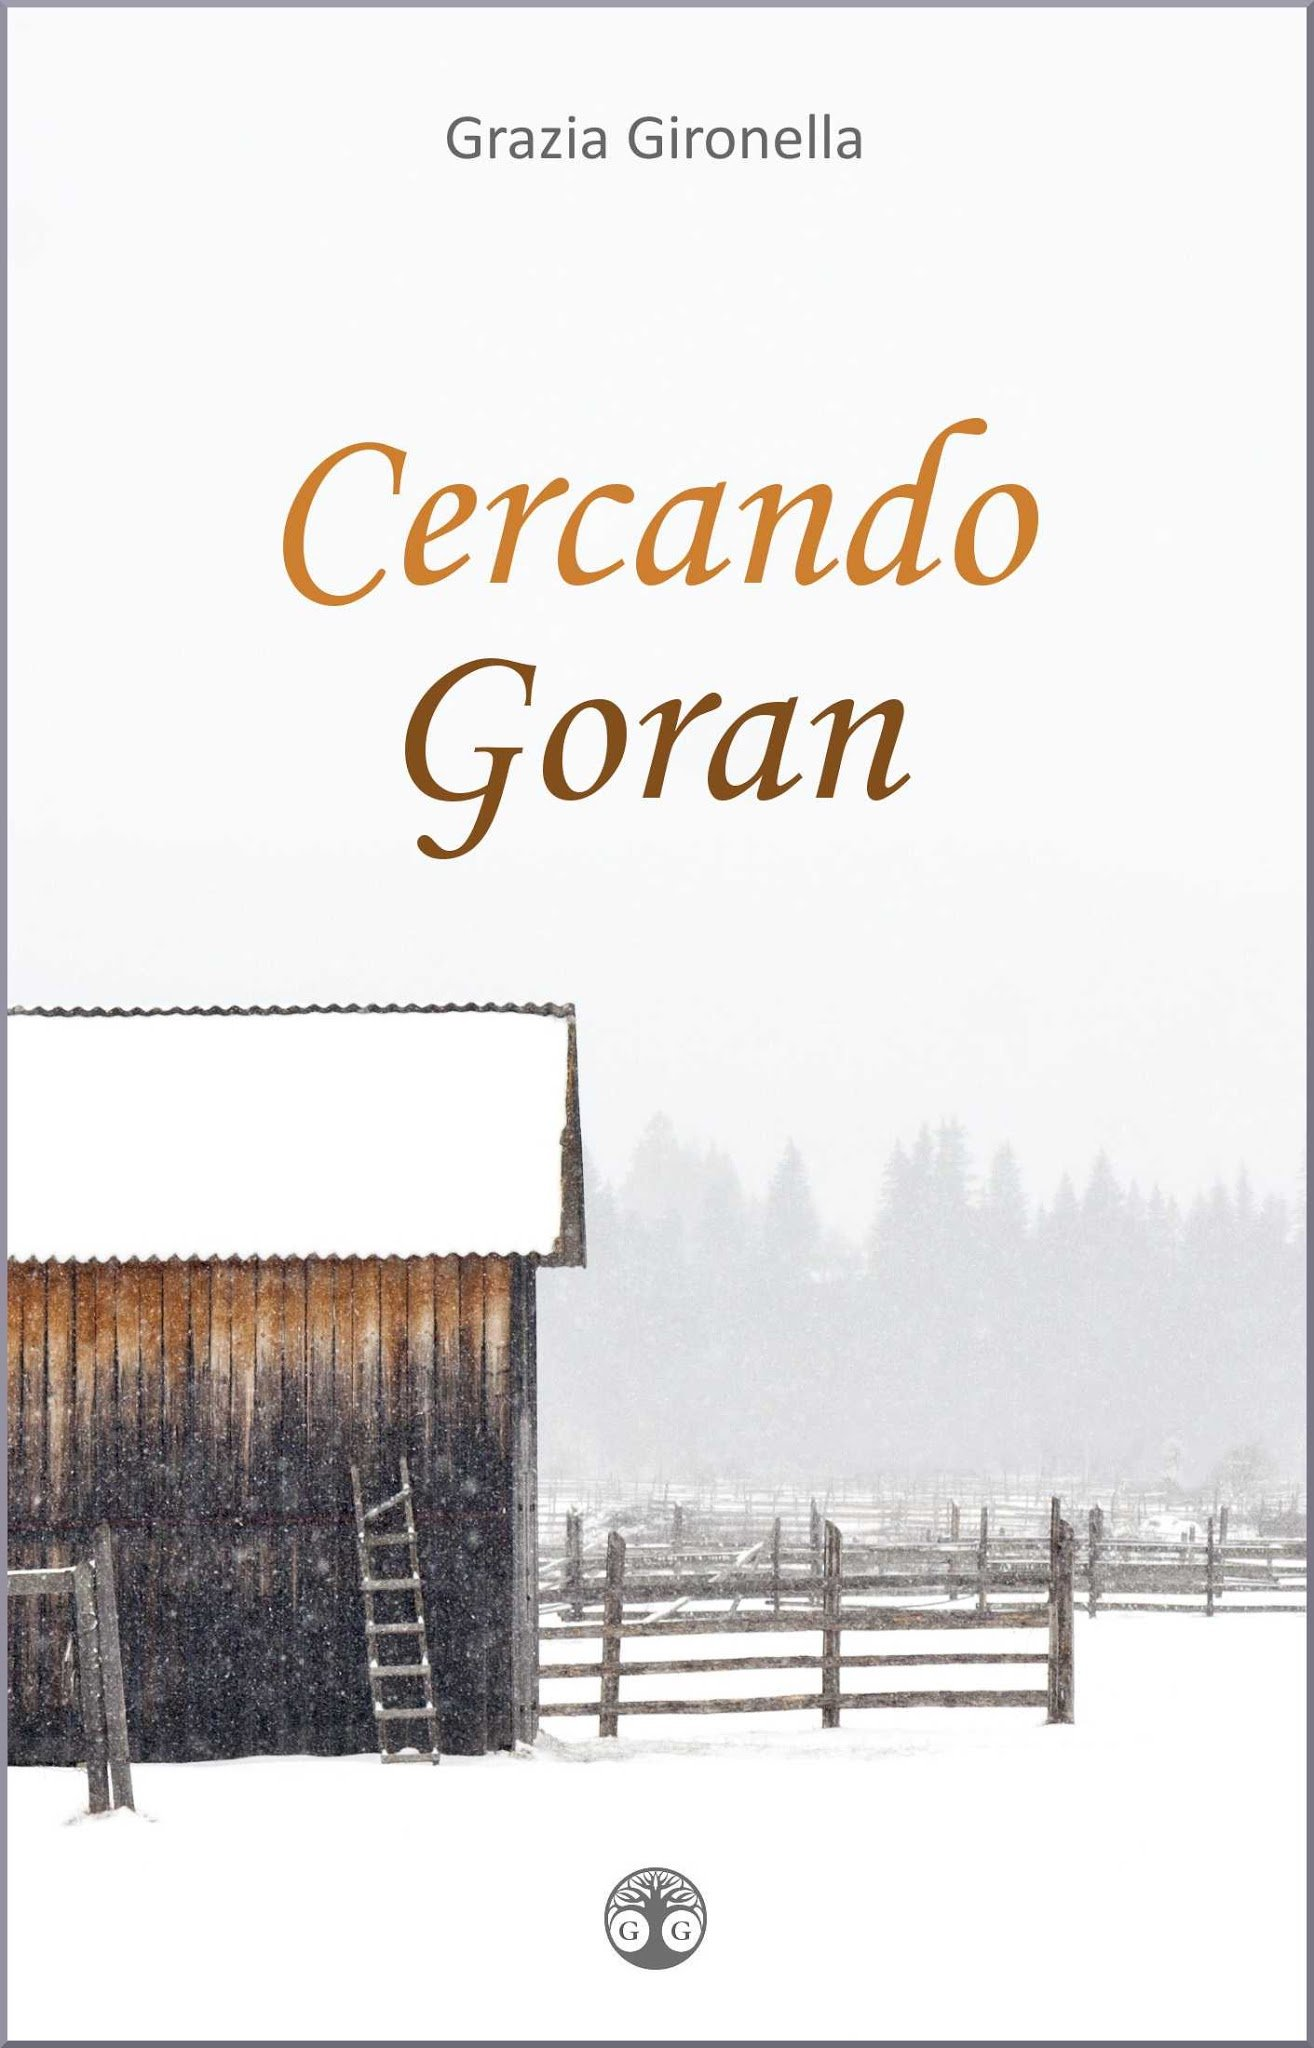 copertina romanzo Cercando Goran